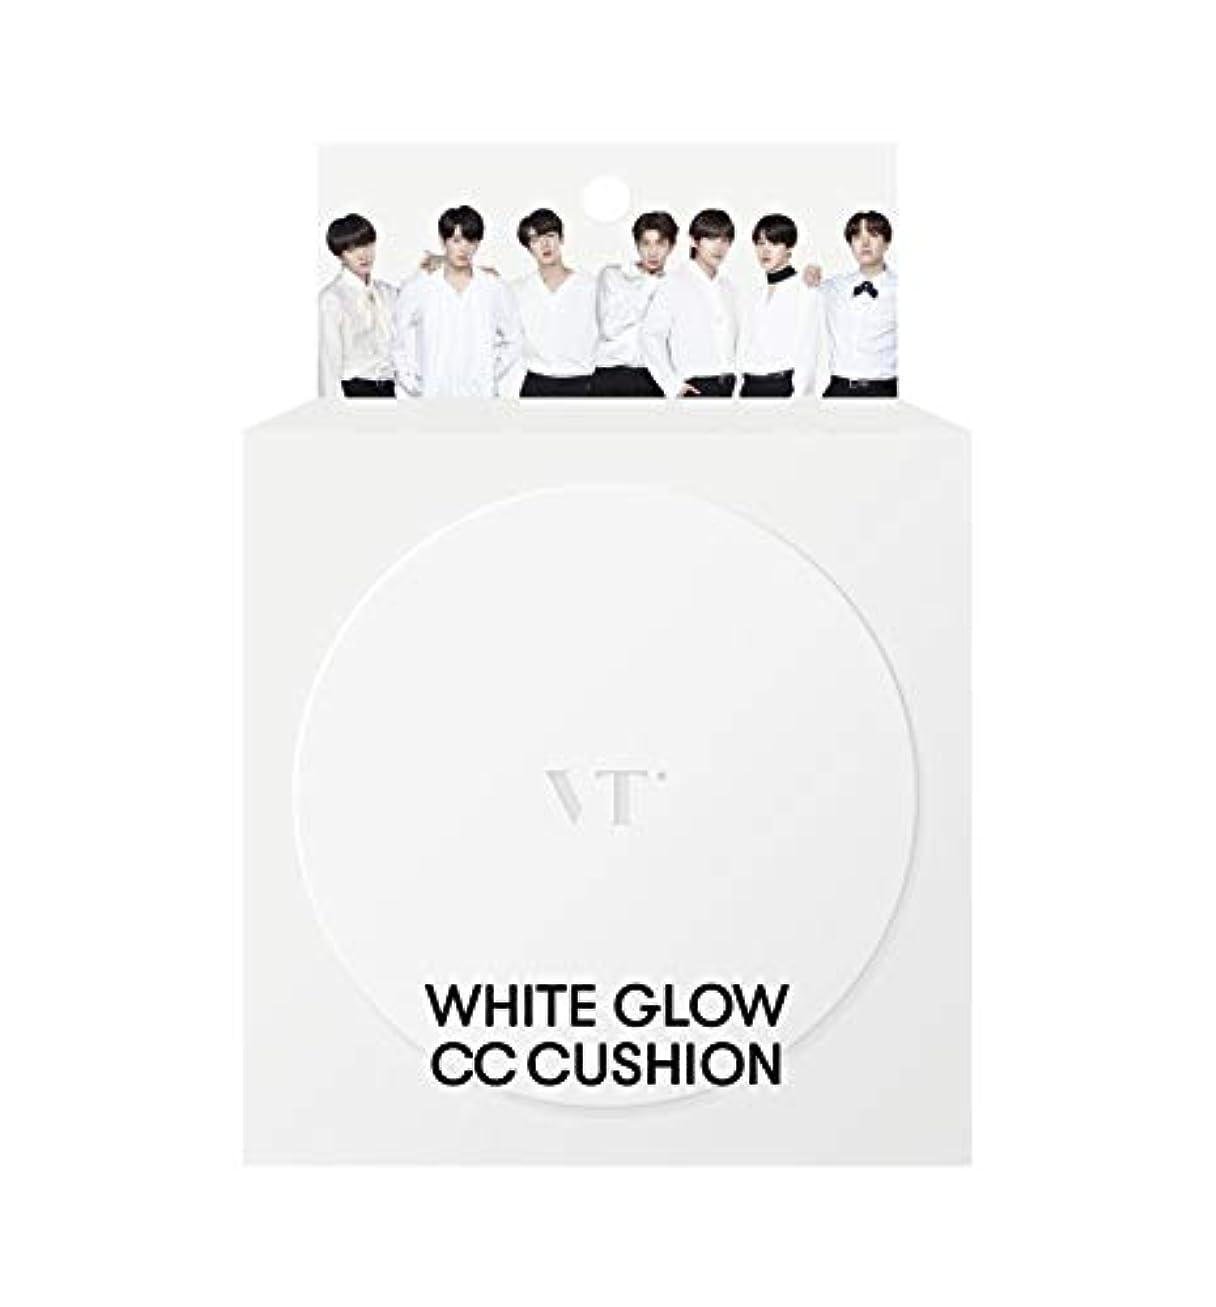 発信シャツ技術的な【正規品】VTCosmetics VT ホワイトグロウCCクッション 12g【#21アイボリー】